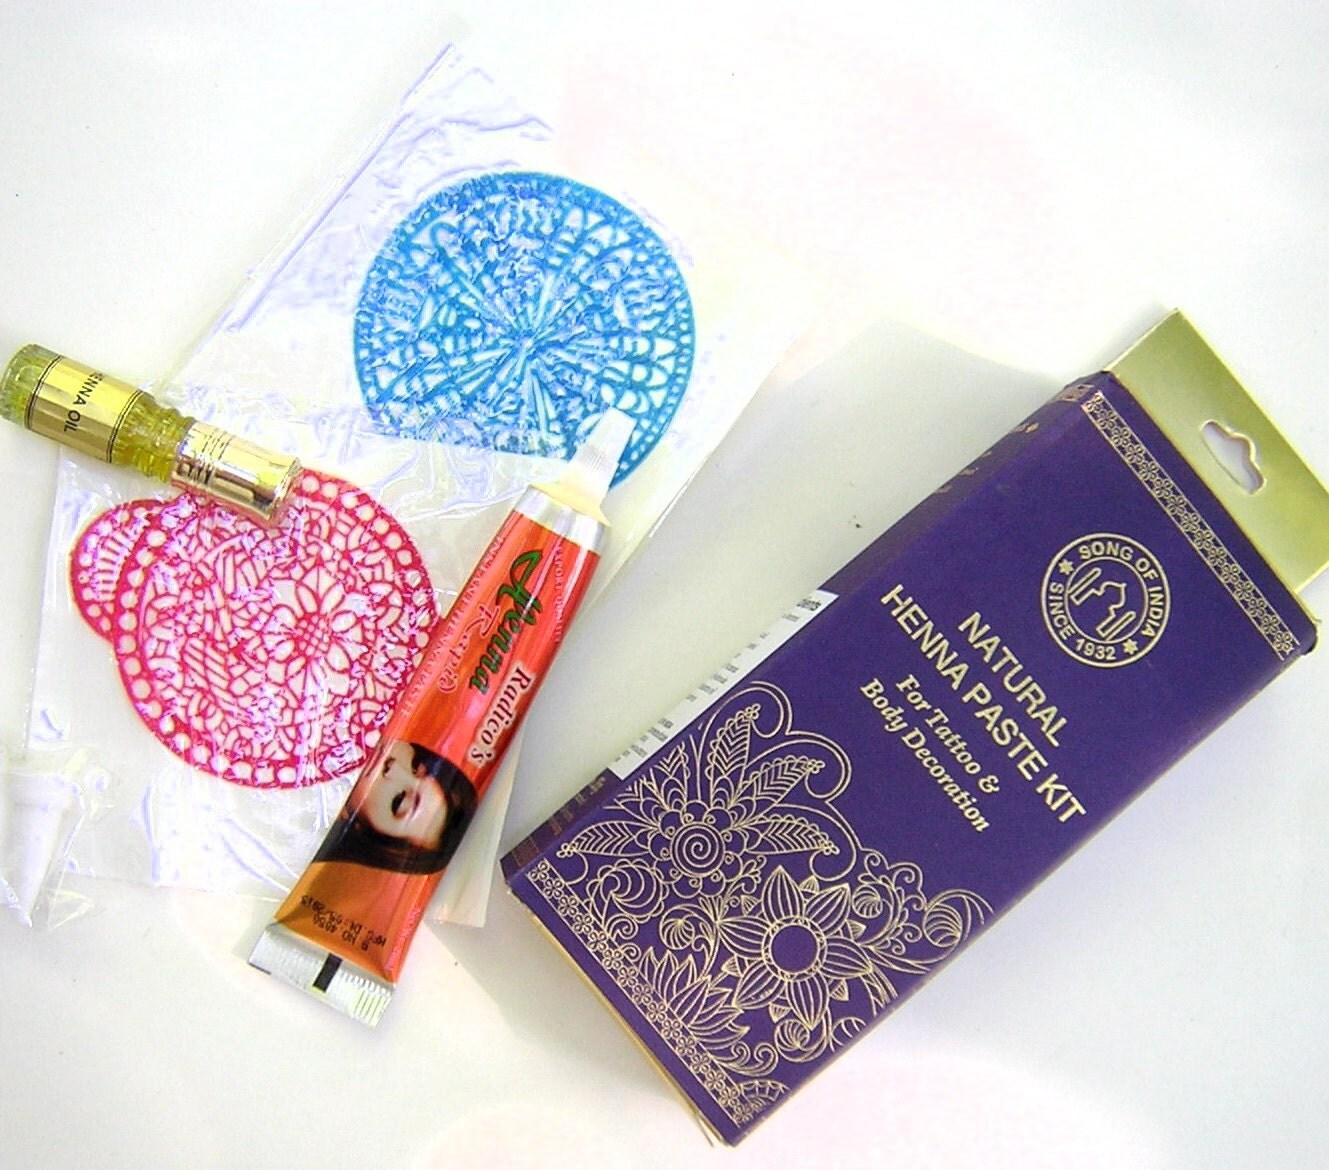 Henna Ink Kit: Henna Kit Natural Henna Paste Tattoos